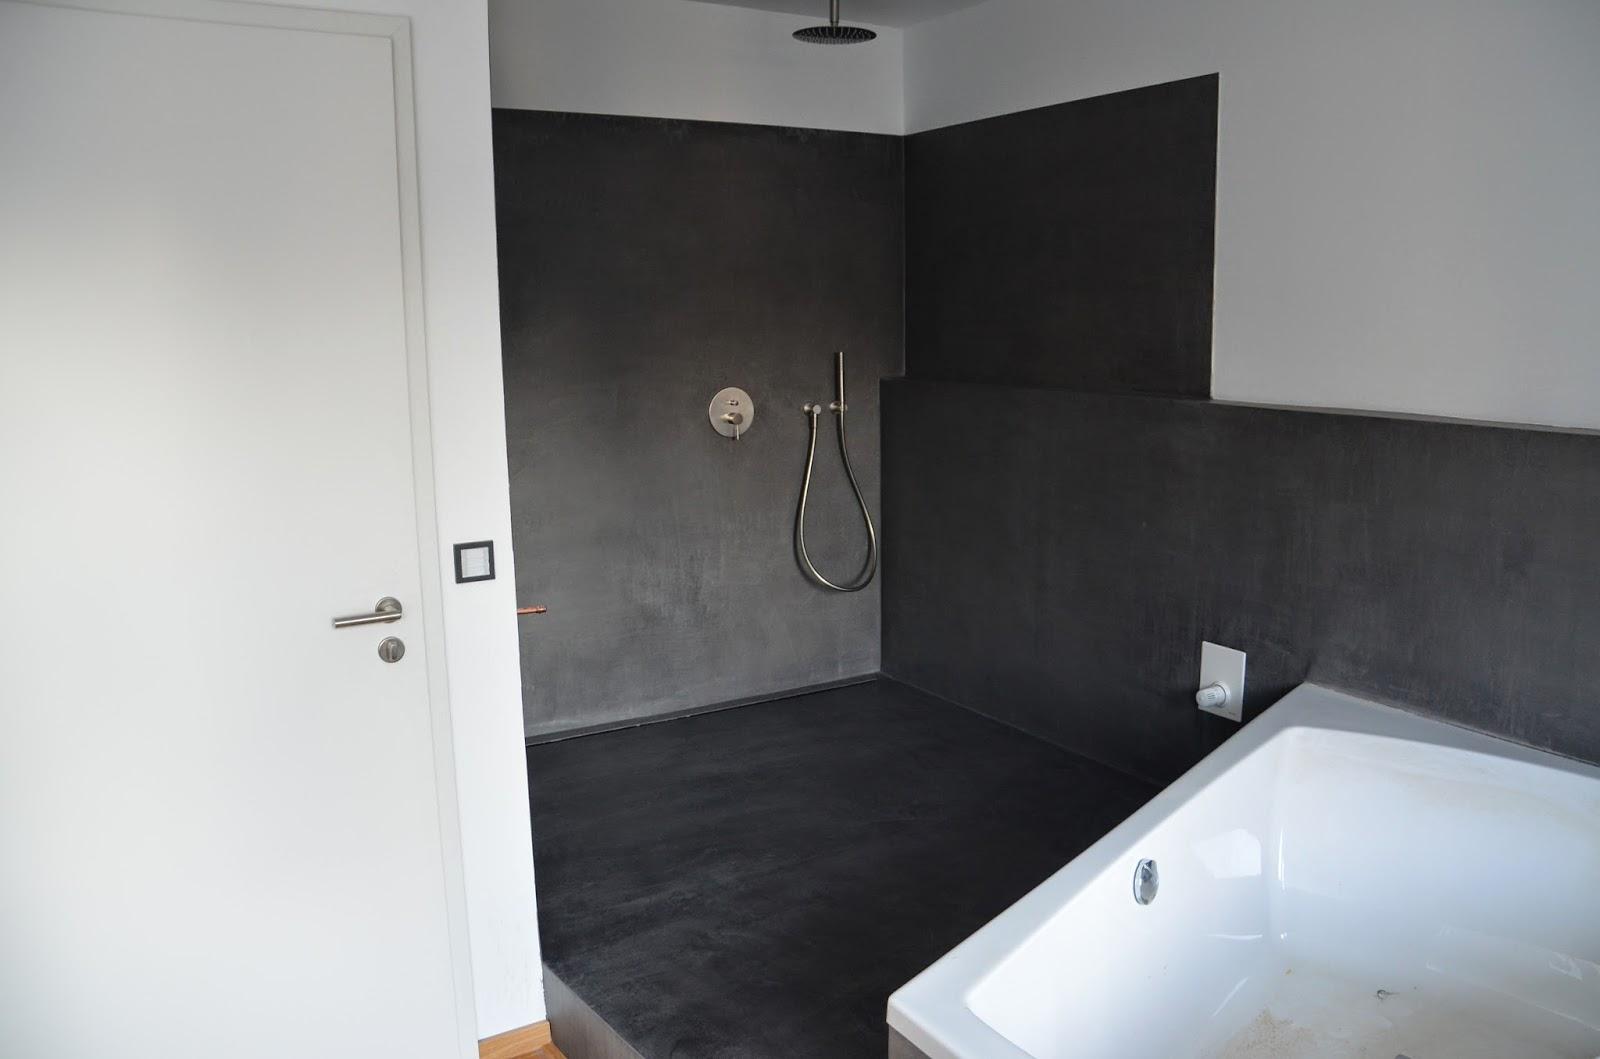 beton cire oberfl chen in beton look beton badezimmer beton cire dusche fugenlos 57462 olpe